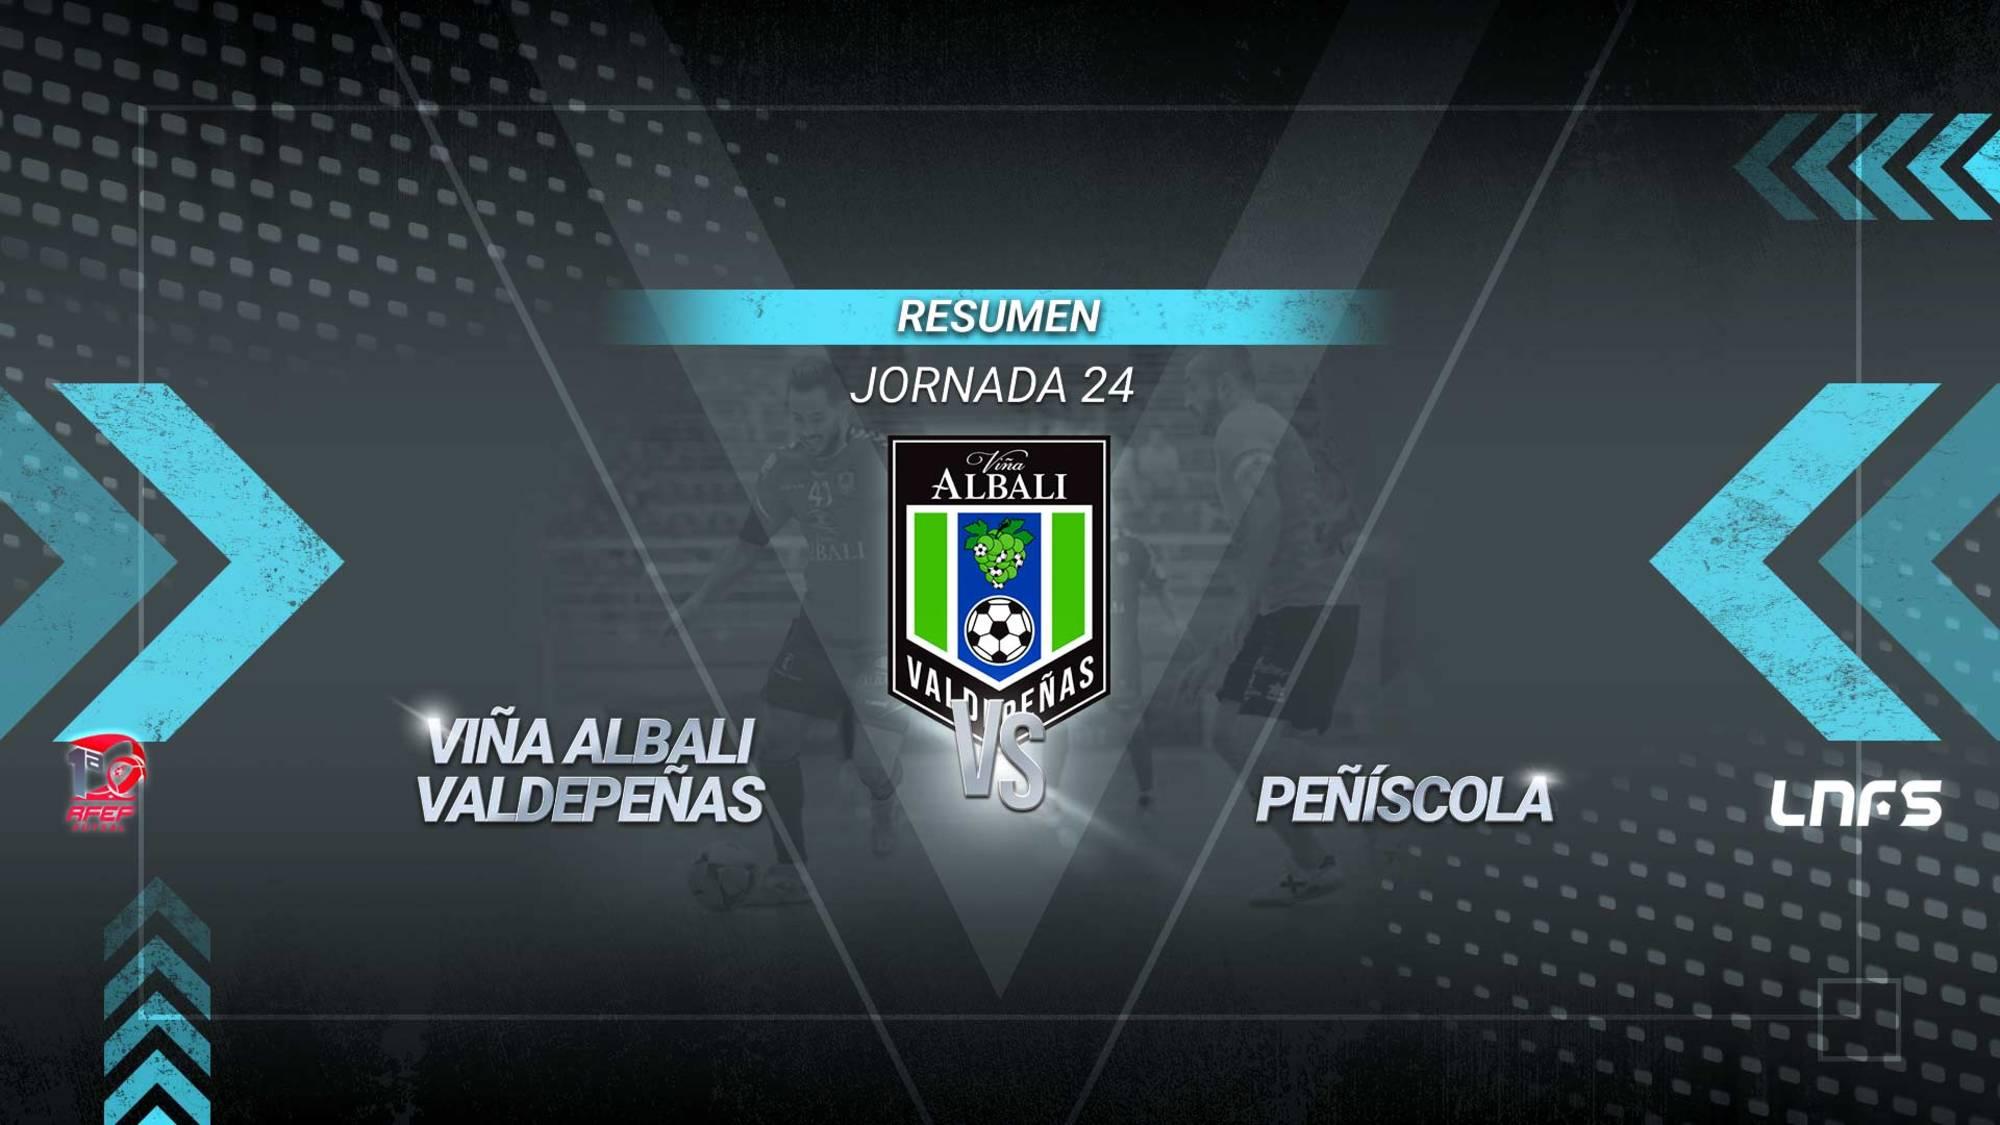 El Viña Albali Valdepeñas pasa por encima del Peñíscola y mantiene la séptima posición. Los dobletes de Chino y Cainan y los goles de Sergio González, Nano y Catela sirven a los de David Ramos para alcanzar los 36 puntos y afianzarse en las plazas de play-off.